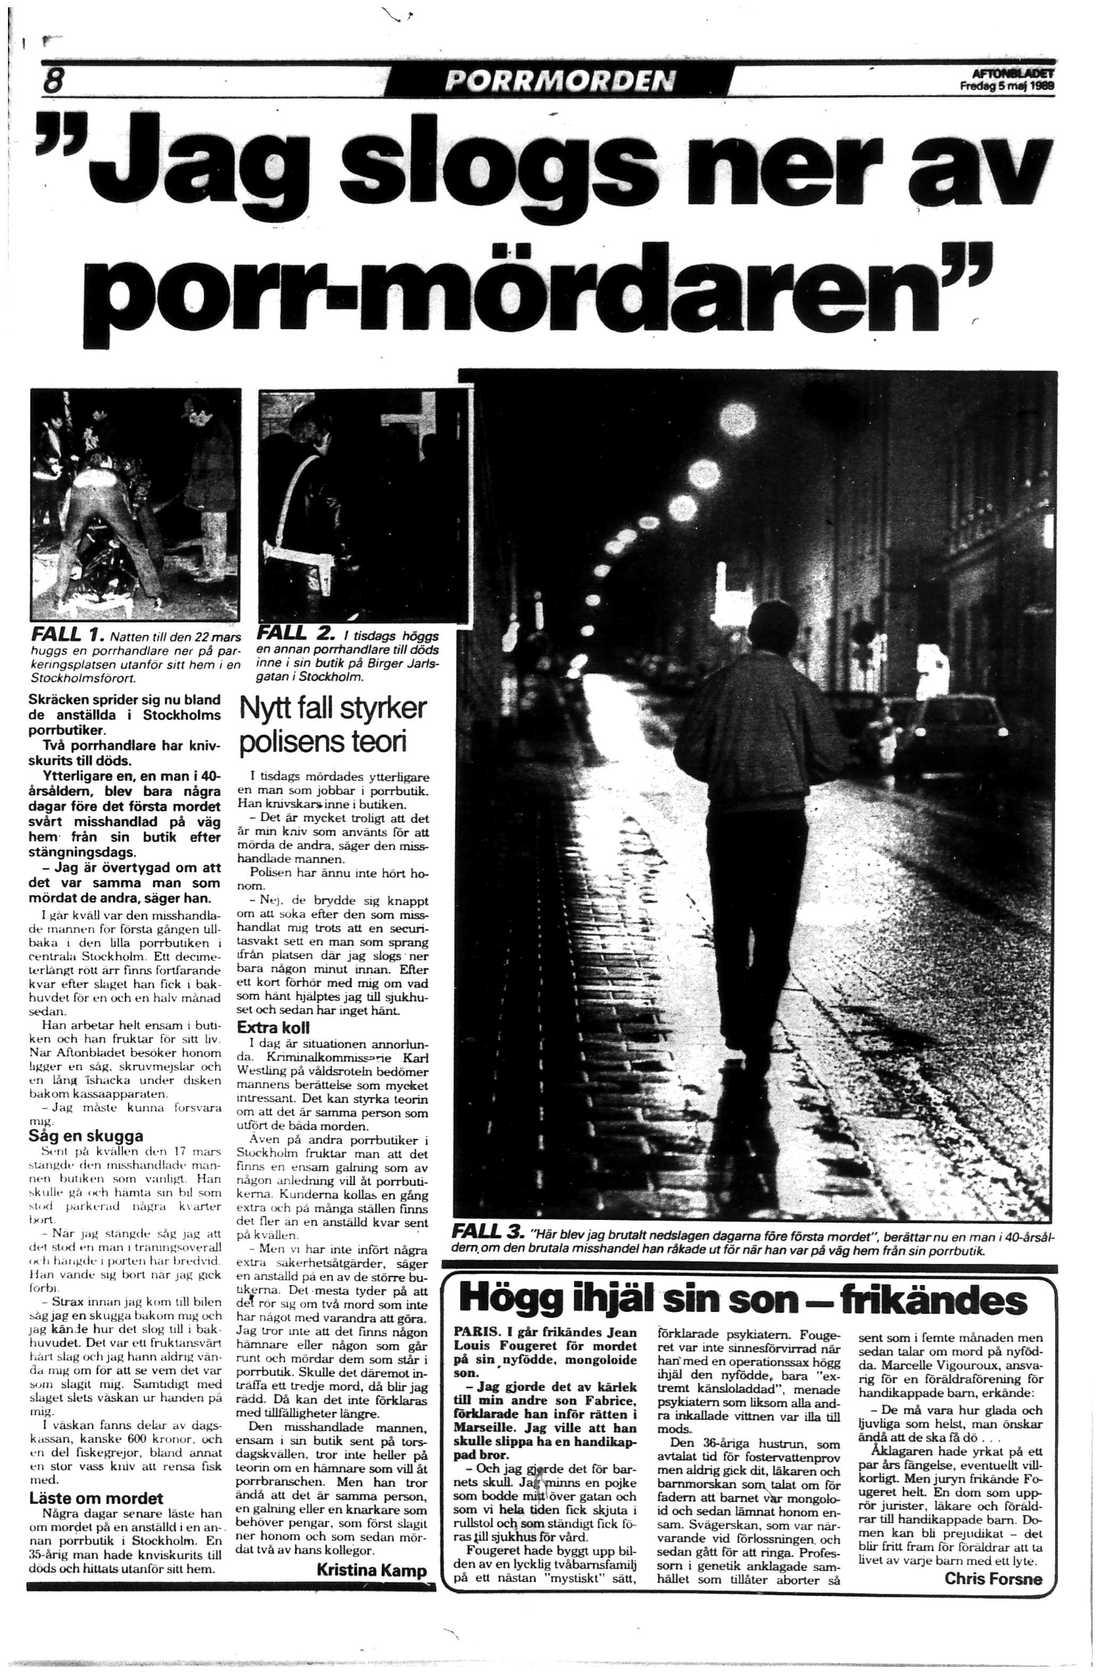 Dåden spred skräck bland människorna som arbetade i Stockholms porrvärld.